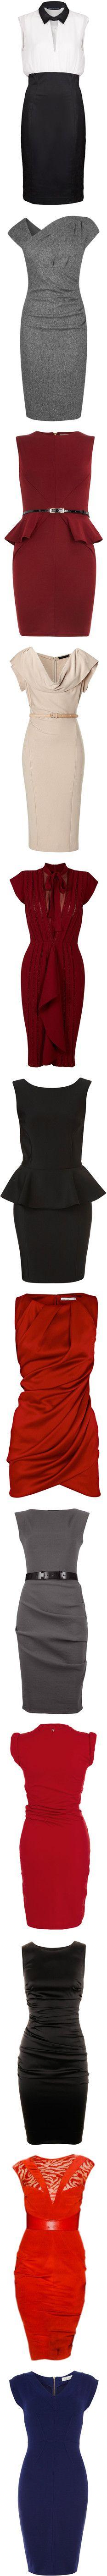 work, bond, fashion, cloth, style